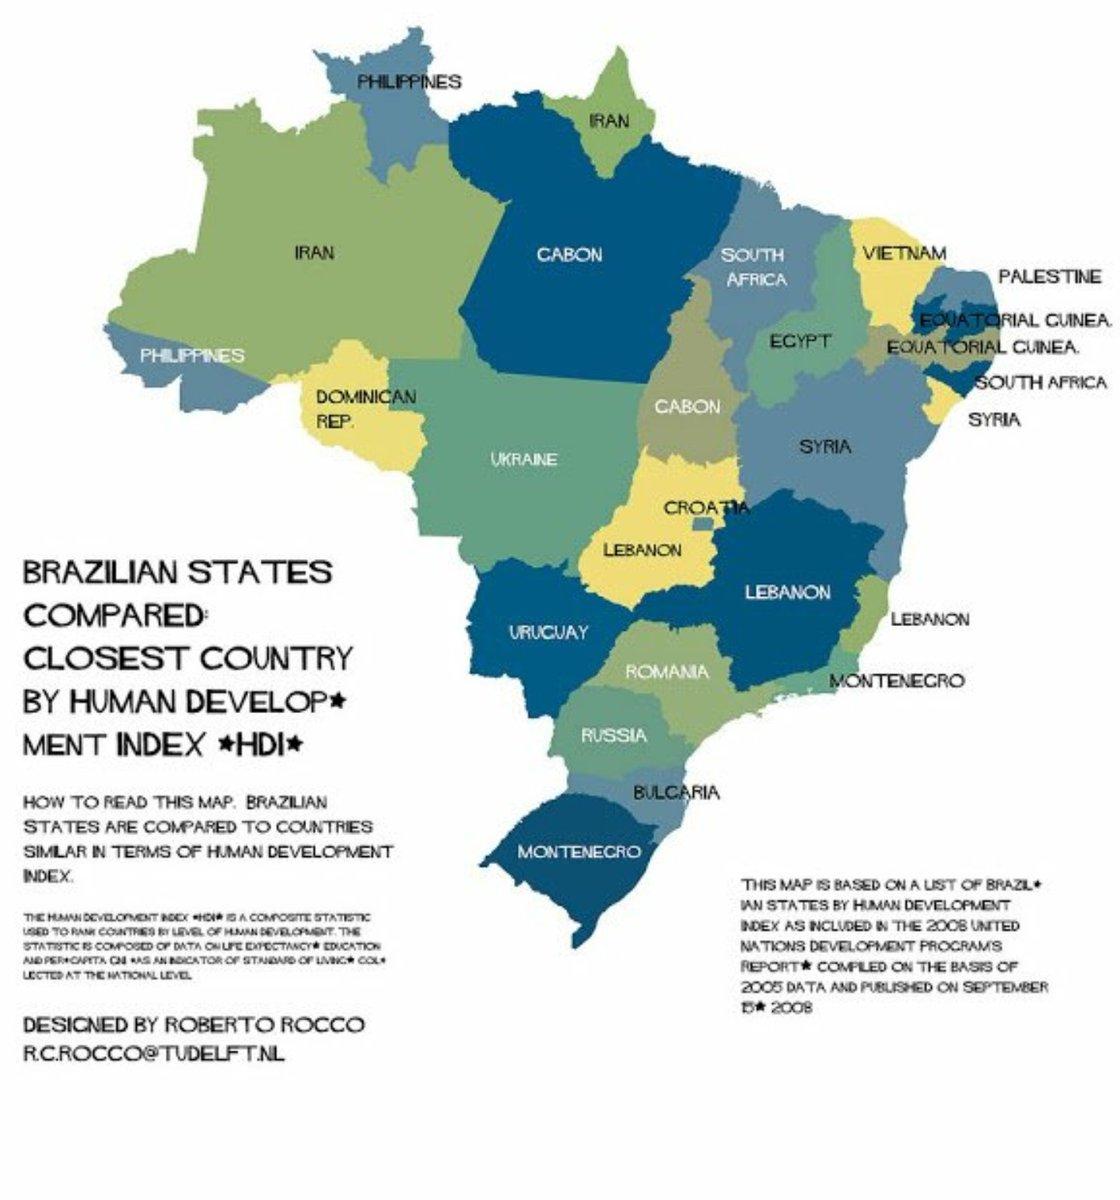 Só olhem o comparativo de estados brasileiros com países. Depois olhem o Paraná. Pois é https://t.co/ndZdMsFR6B